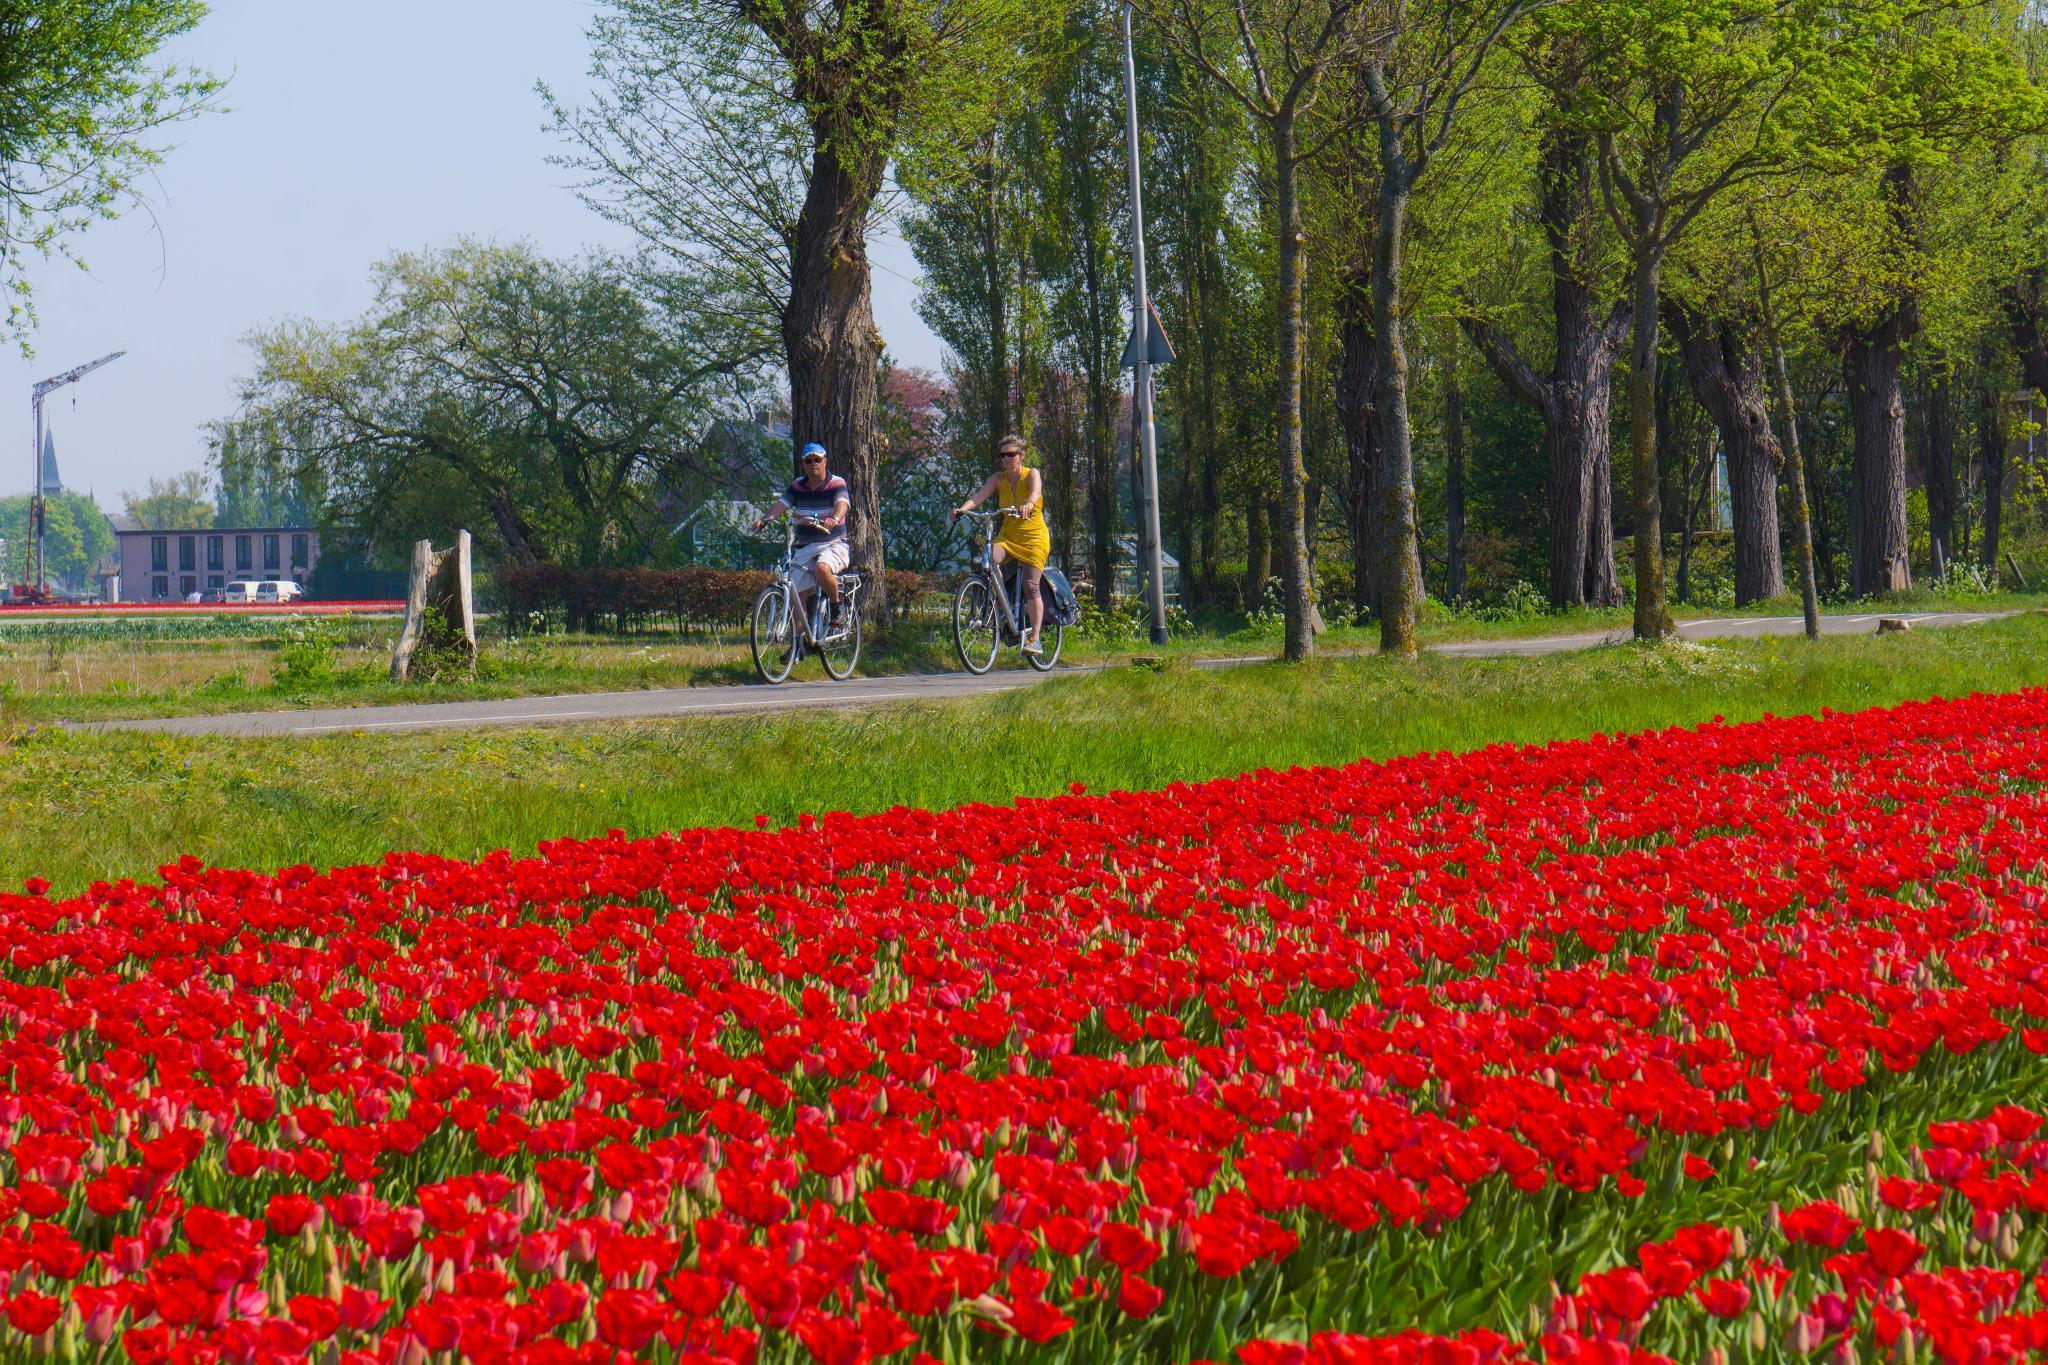 【荷蘭印象】花田嬉事:荷蘭單車花之路 32